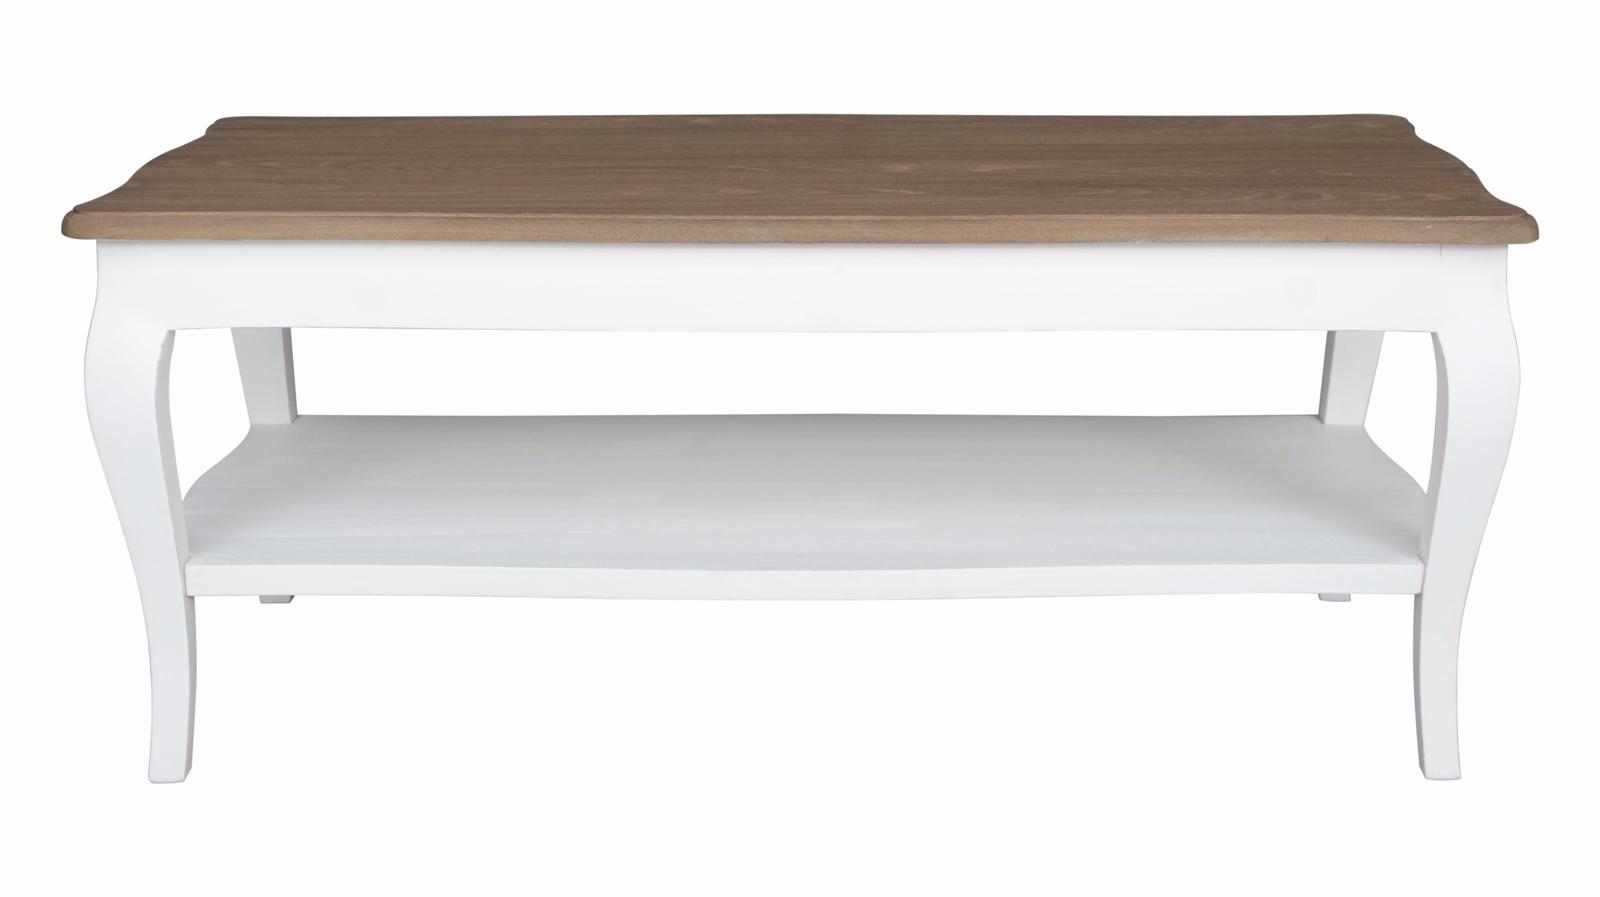 Grande Table Basse Bois table basse bois massif double plateau blanc prague ref. 30020694